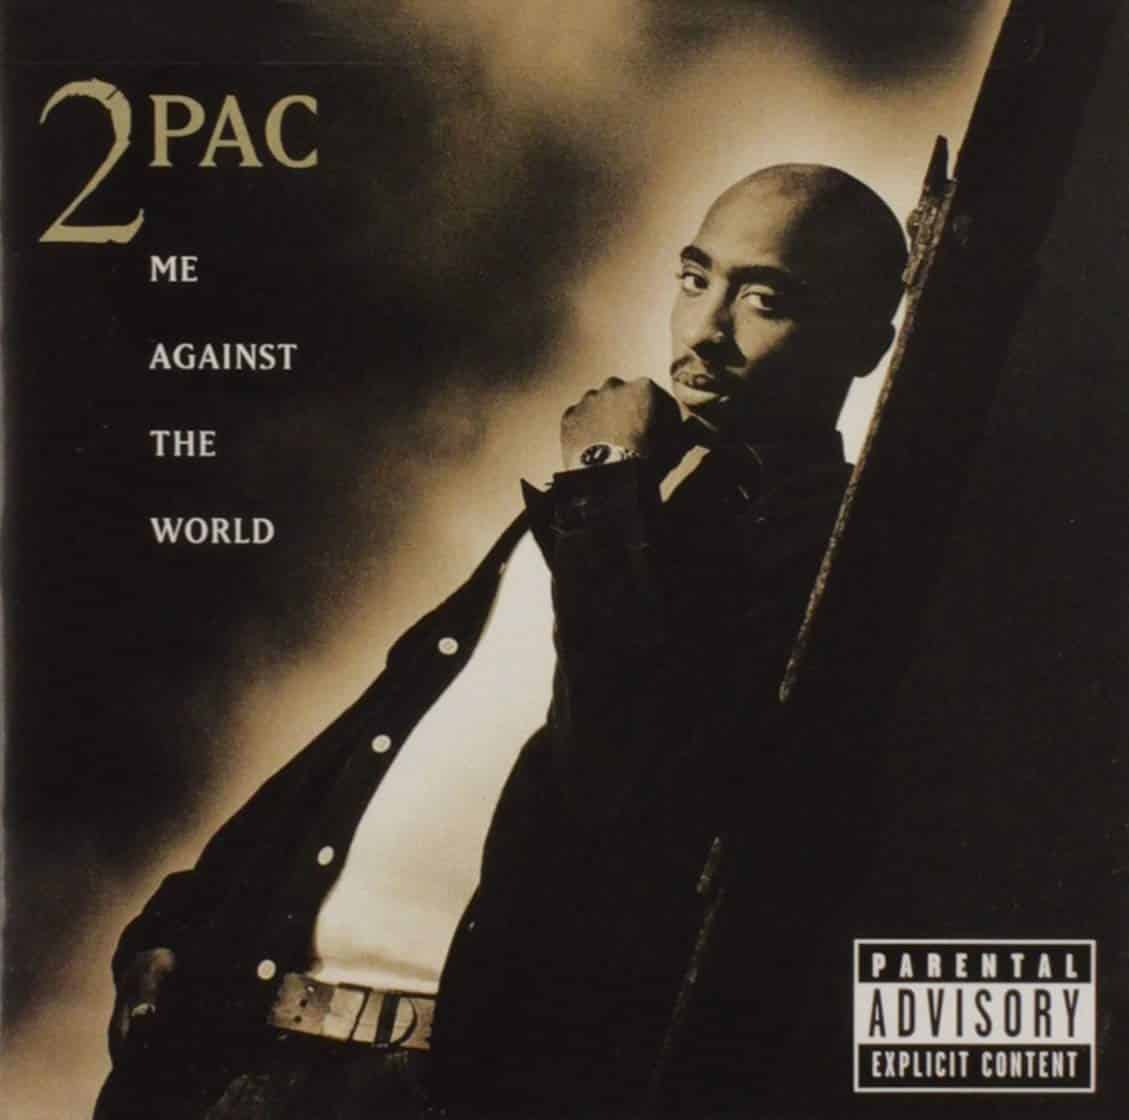 Cinq choses à savoir sur Me Against The World de Tupac